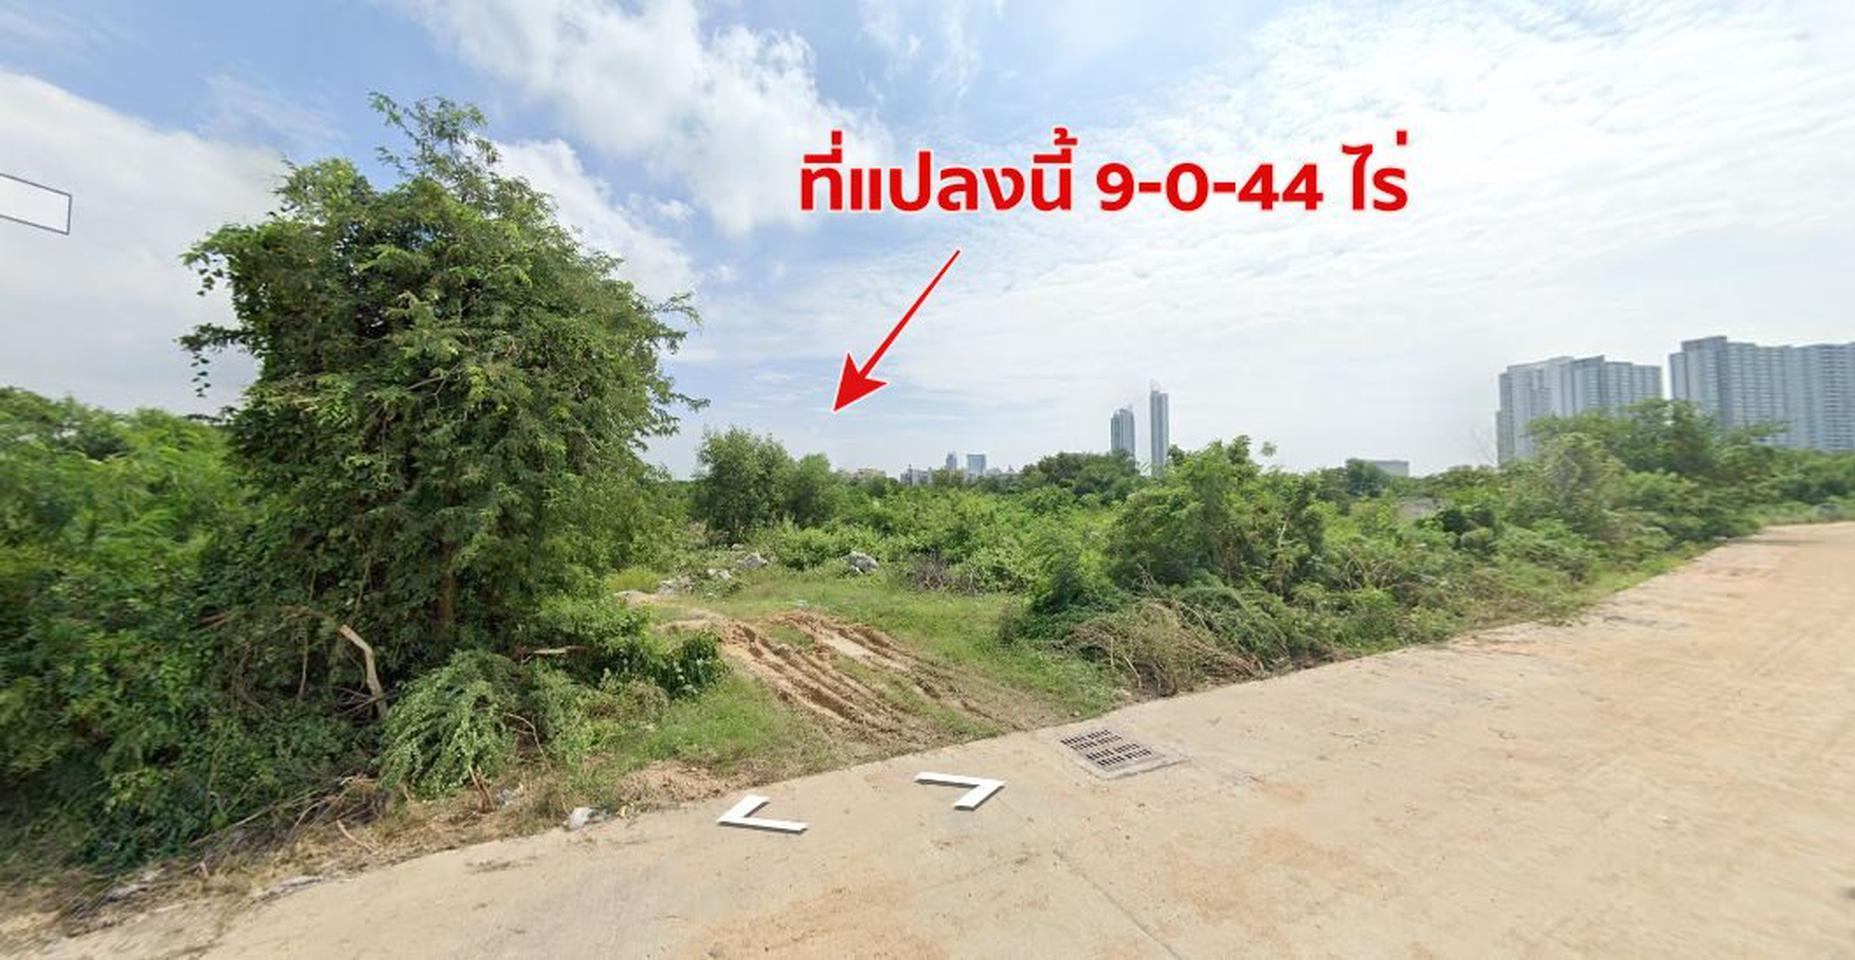 ขายที่ดินทำเลดี ติดถนนสุขุมวิท-พัทยา  9-0-44 ไร่ ใกล้หาดจอมเทียน พัทยา ชลบุรี รูปที่ 4